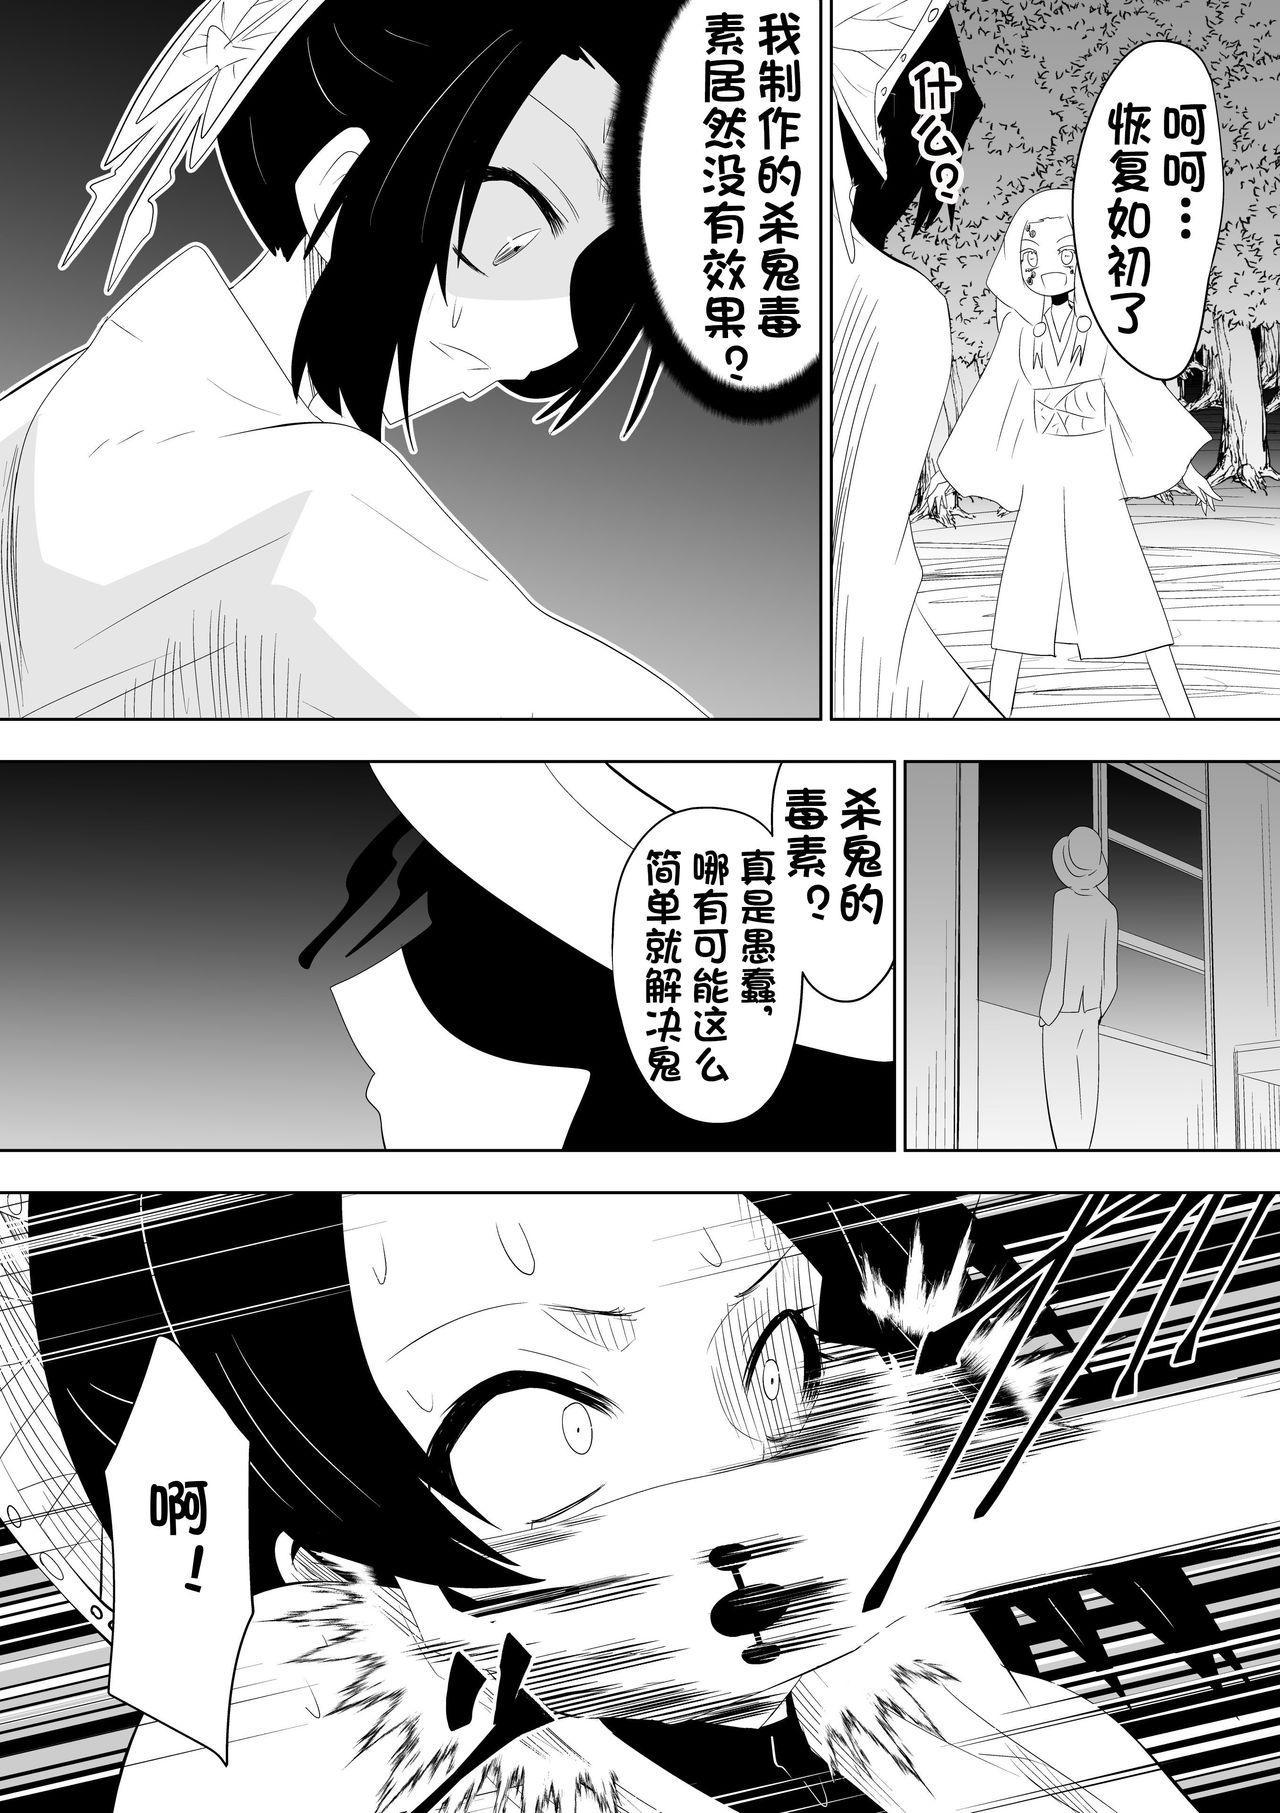 Hametsu no Shinobu 3